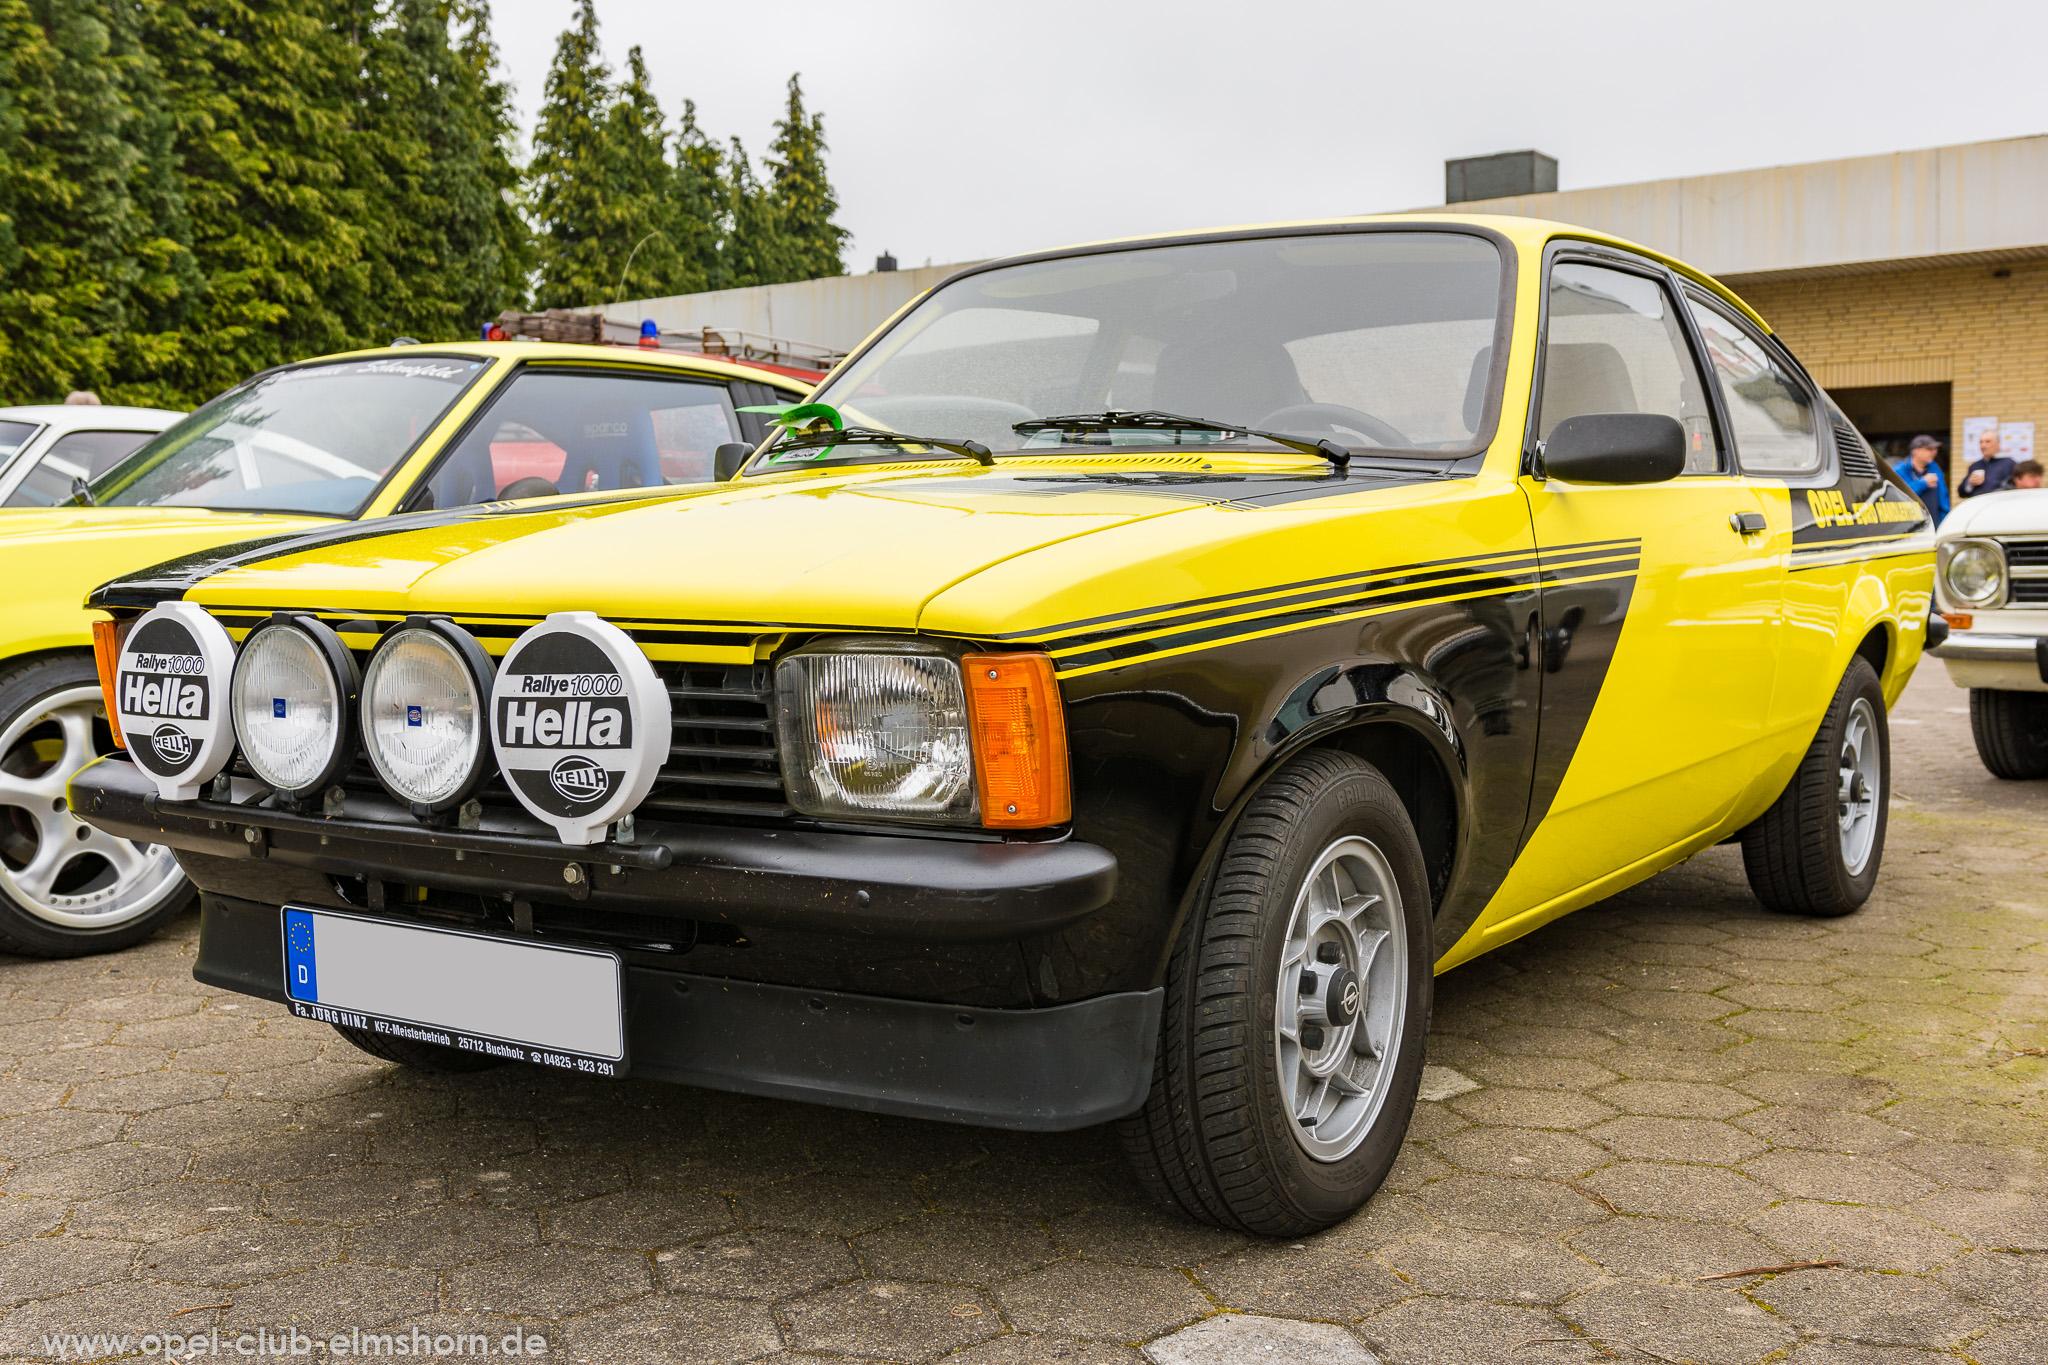 Altopeltreffen Wedel 2019 - 20190501_112923 - Opel Kadett C